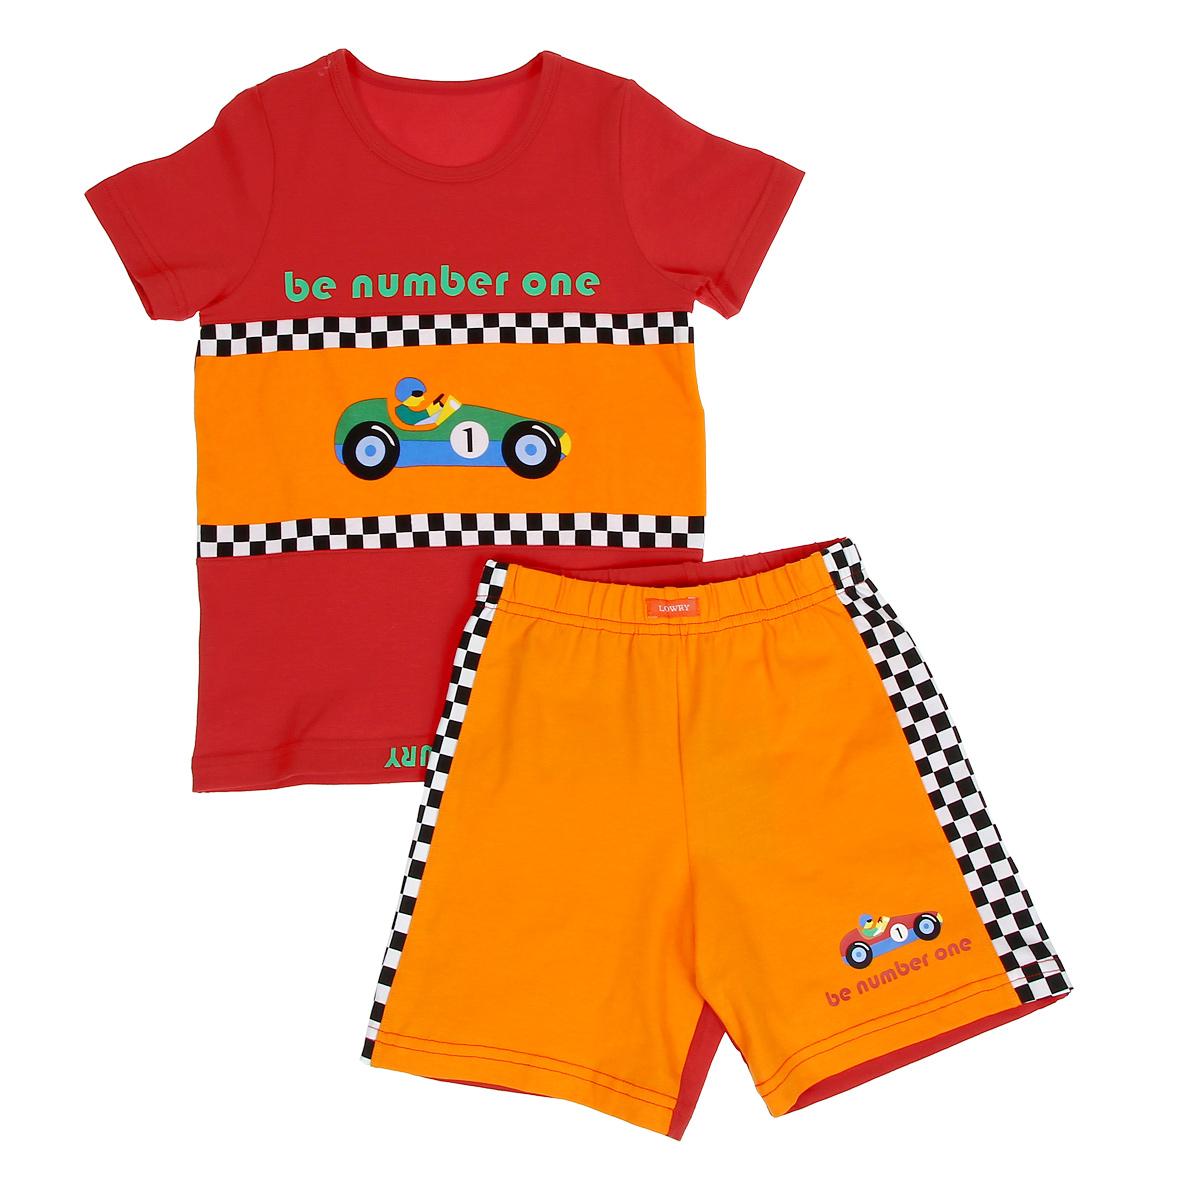 Комплект одеждыBF/BSHL-272Комплект для мальчика Lowry, состоящий из футболки и шорт, идеально подойдет вашему малышу. Изготовленный из хлопка с добавлением лайкры, он необычайно мягкий и приятный на ощупь, не сковывает движения малыша и позволяет коже дышать, не раздражает даже самую нежную и чувствительную кожу ребенка, обеспечивая ему наибольший комфорт. Футболка с короткими рукавами и круглым вырезом горловины на груди оформлена ярким оригинальным принтом с изображением гоночной трассы, гоночного болида, а также надписью Be Number One. Шортики на талии имеют широкую эластичную резинку, благодаря чему они не сдавливают животик ребенка и не сползают. Оформлены шортики термоаппликацией с изображением гоночного болида и надписью Be Number One, а по бокам - принтом в клетку. Оригинальный дизайн и модная расцветка делают этот комплект незаменимым предметом детского гардероба. В нем вашему маленькому мужчине будет комфортно и уютно, и он всегда будет в центре внимания!